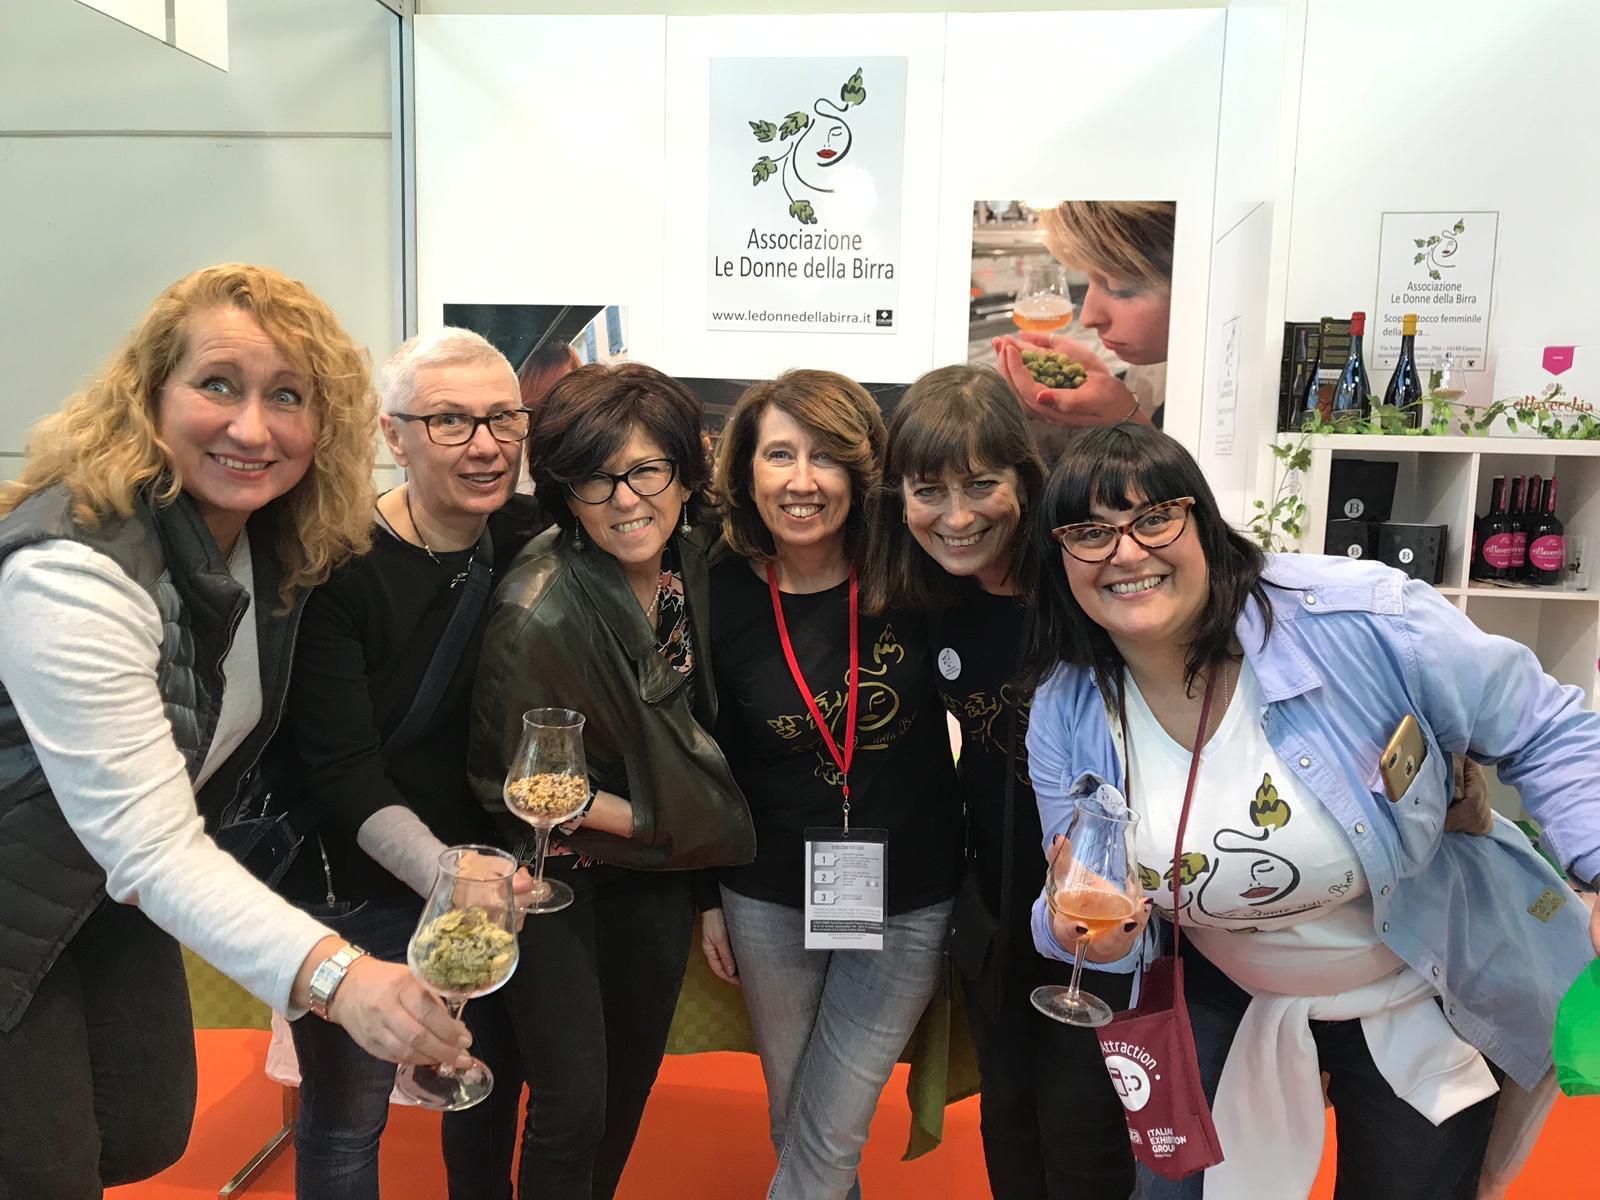 Le Donne della Birra presenti ai grandi eventi italiani!